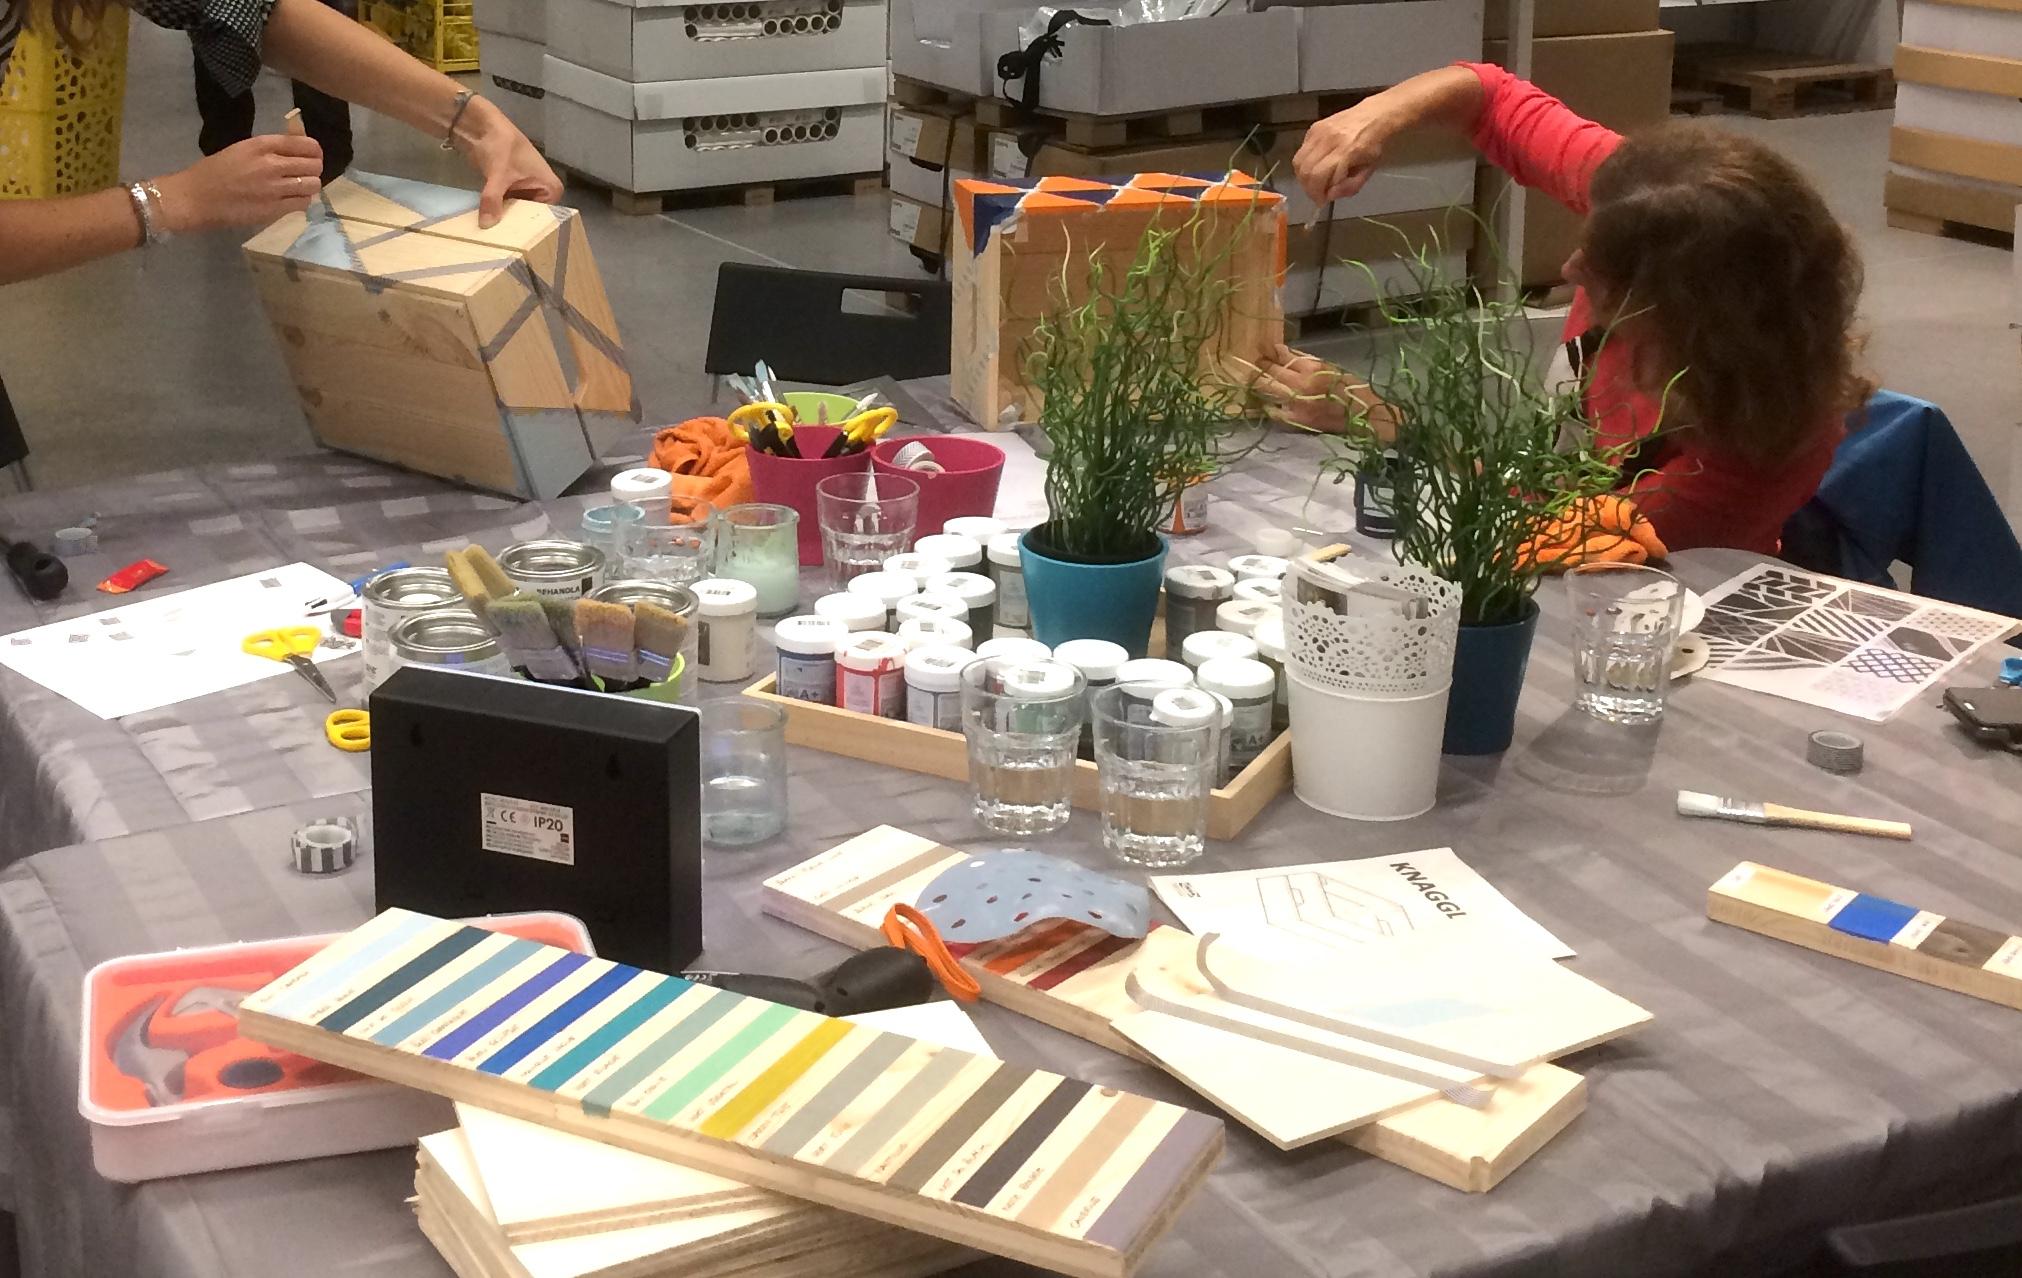 atelier customisation chez ikea kontrast design. Black Bedroom Furniture Sets. Home Design Ideas